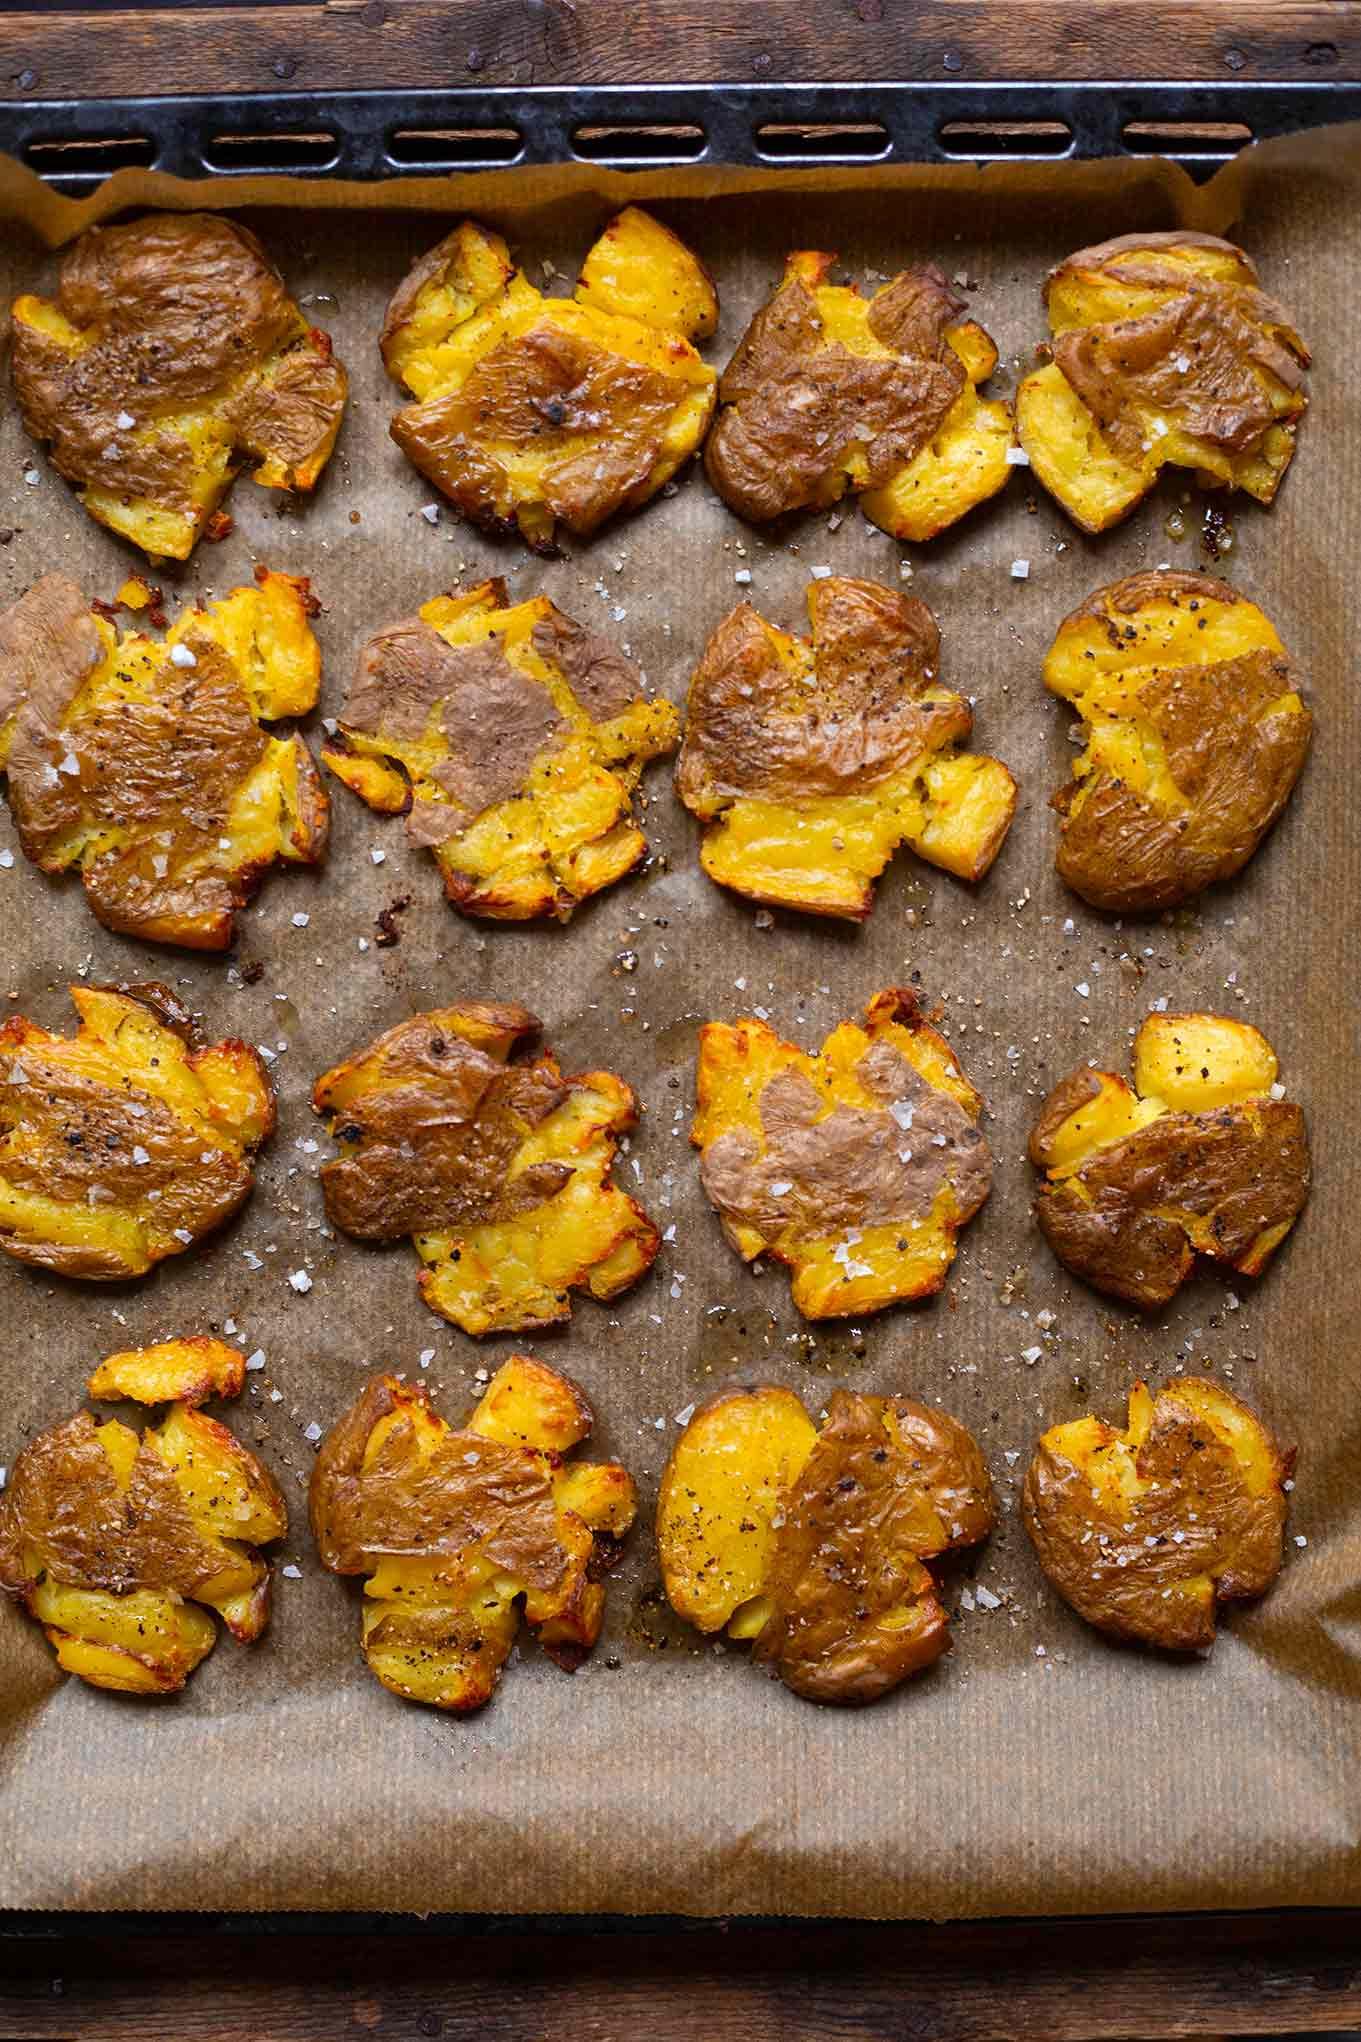 Diese Quetschkartoffeln vom Backblech sind extra knusprig, super lecker und ein perfektes Rezept für den schnellen Feierabend. Ob als Beilage, Hauptgericht mit Dipp oder zum Grillen, an Smashed Potatoes kommt dieses Jahr keiner mehr vorbei. Und wir verraten euch, wie die Kartoffeln, extra gut gelingen. Nur im Kochkarussell - dein Foodblog für schnelle, leichte und einfache Feierabend Rezepte.